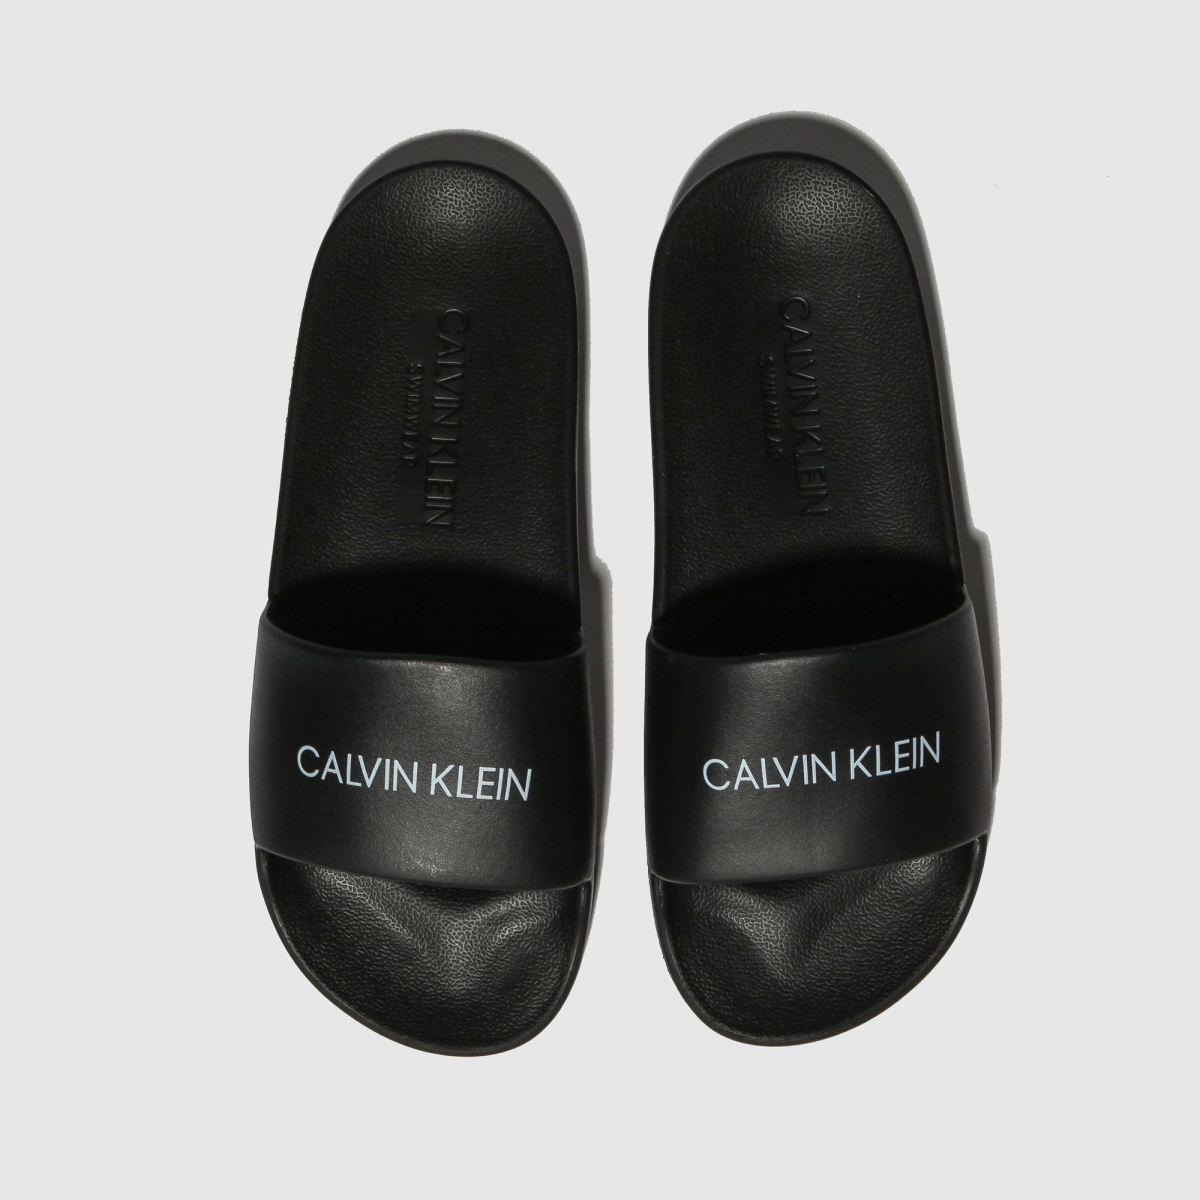 Calvin Klein Black Slides Sandals Youth